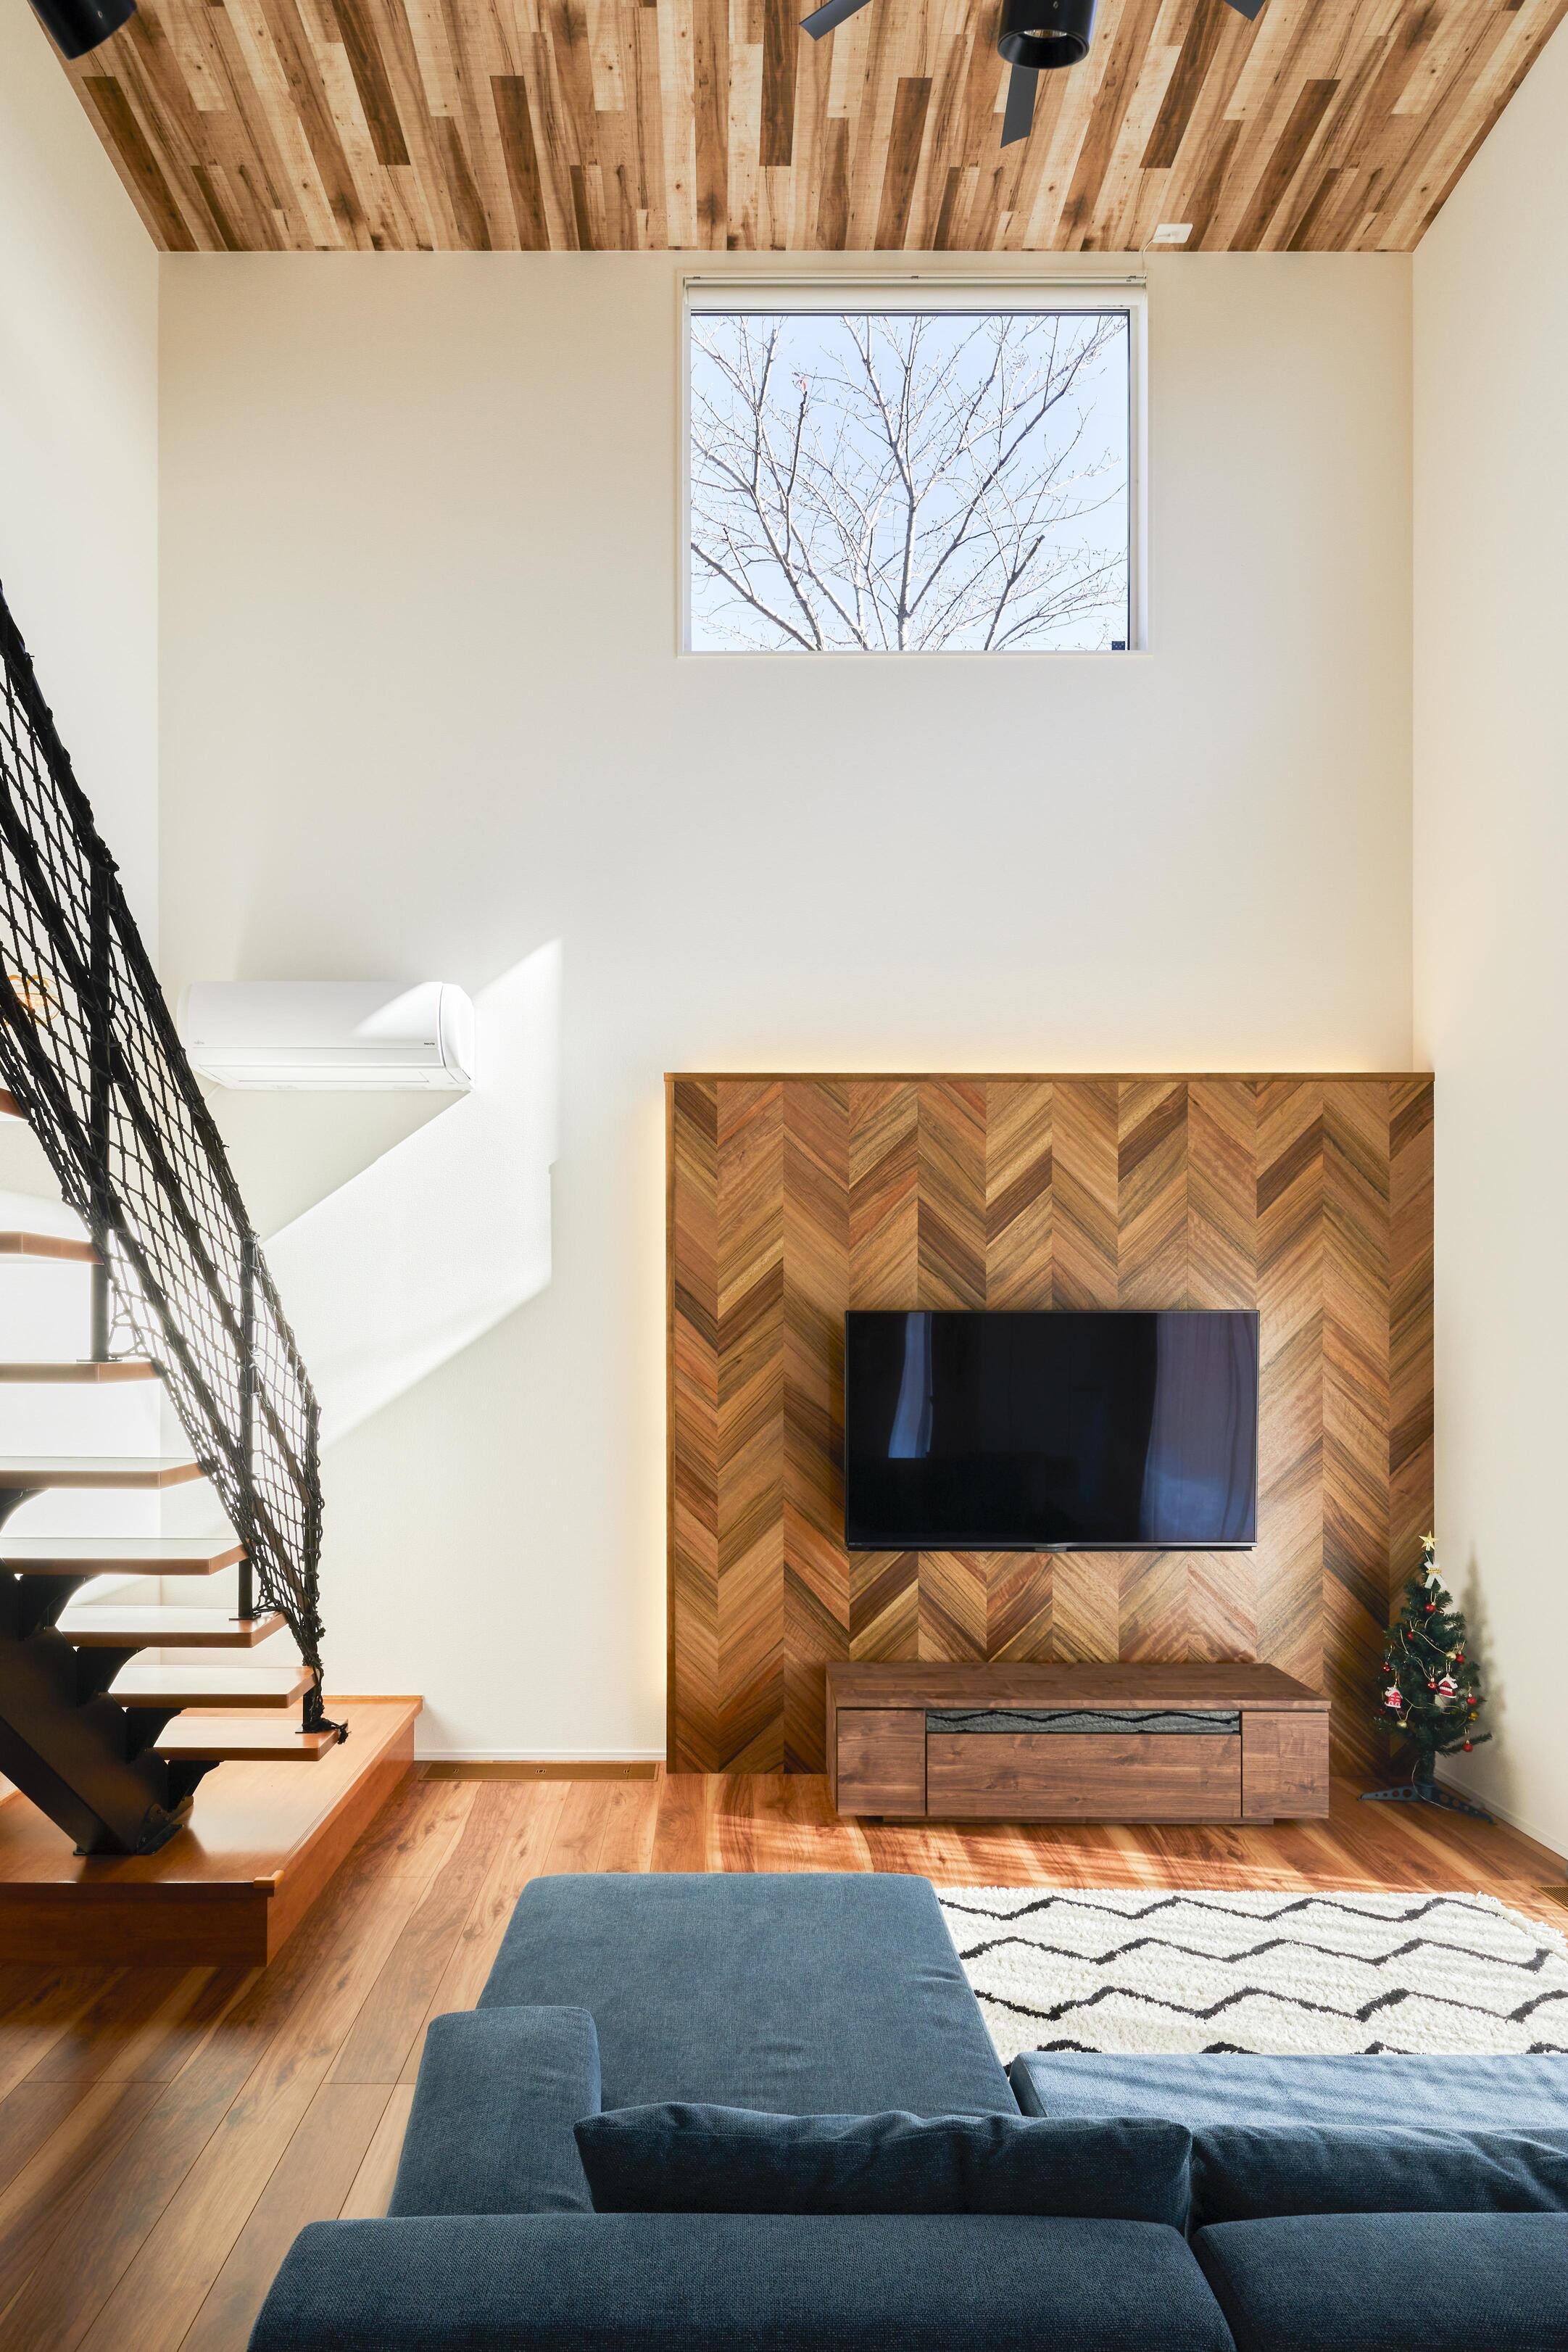 吹抜けの上部には大きな窓を設置。木々の風景を絵画のように切り取り、季節の移ろいを感じさせてくれる